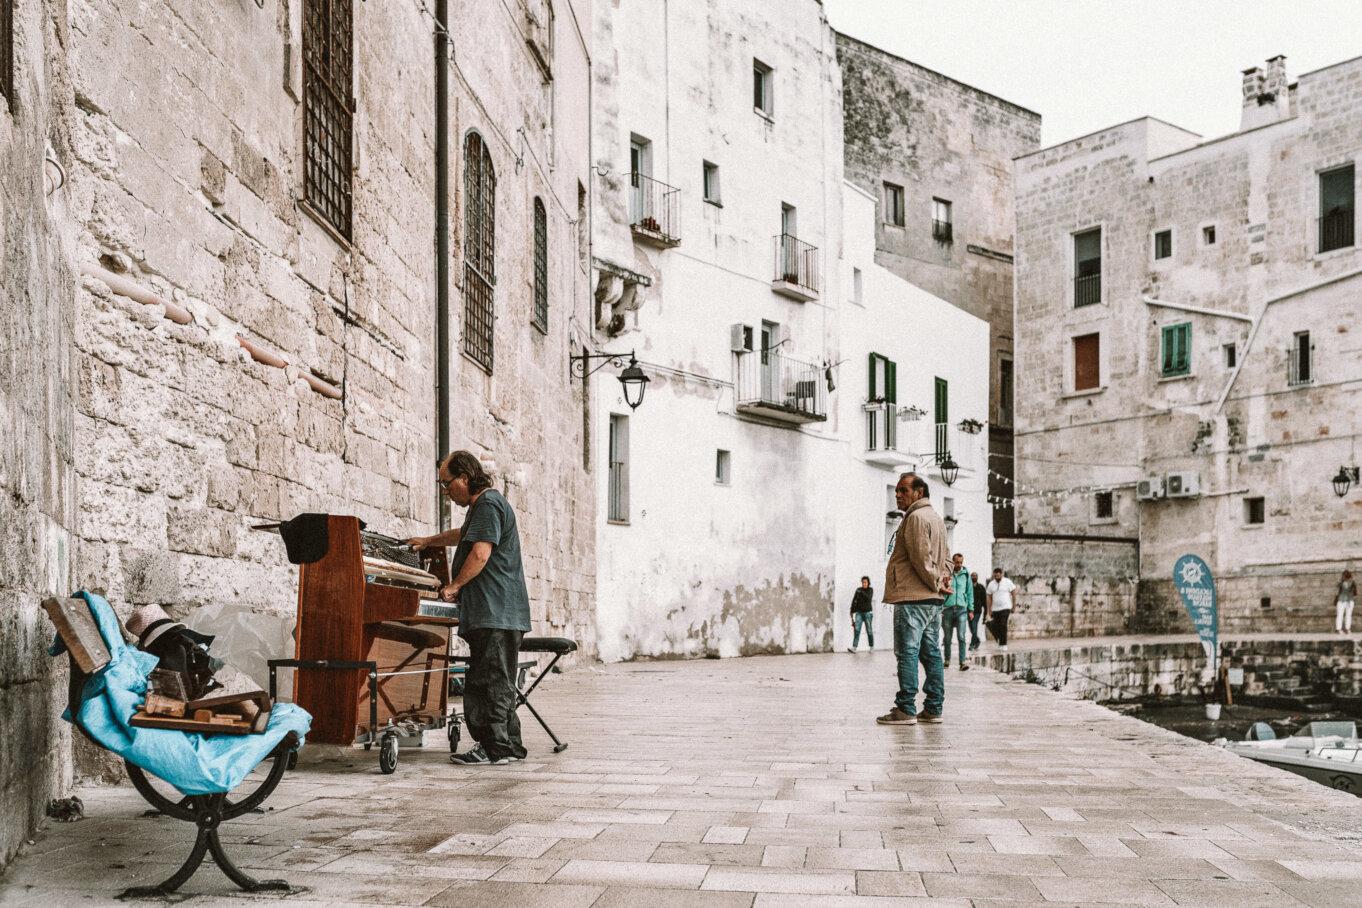 Historyczne białe budynki w okolicy Bari